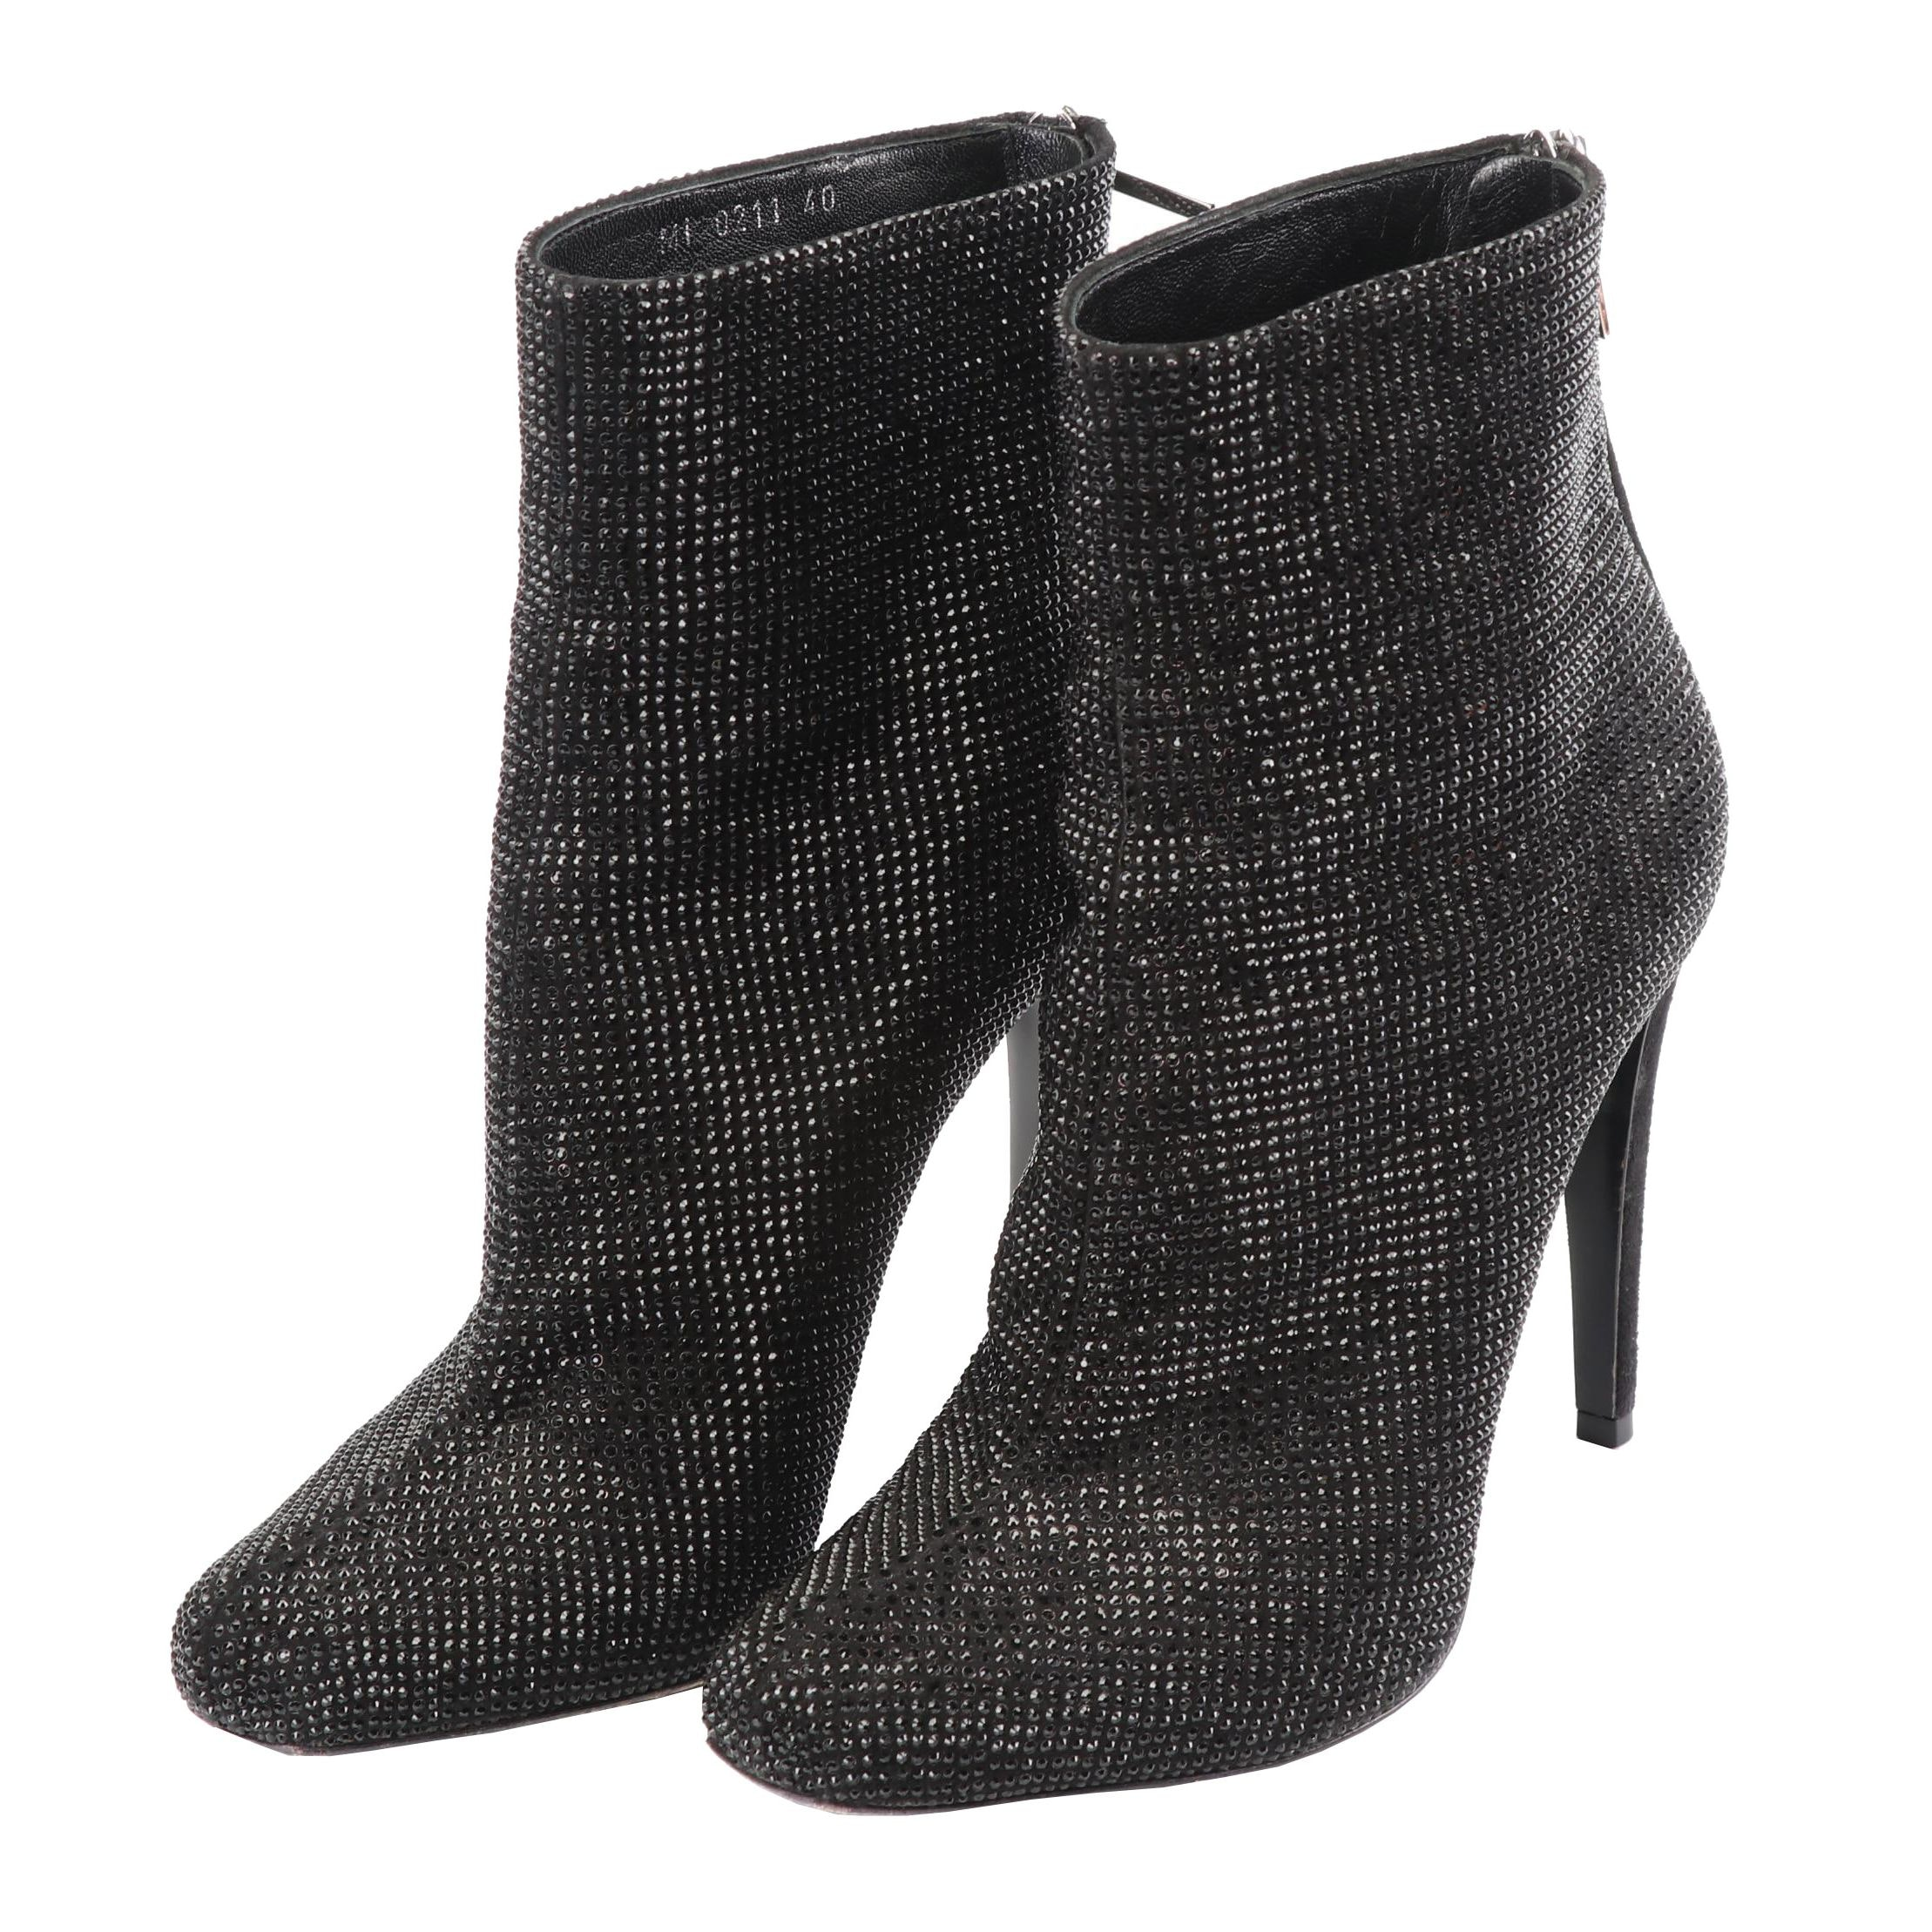 Christian Dior Black Suede Rhinestone Encrusted Booties